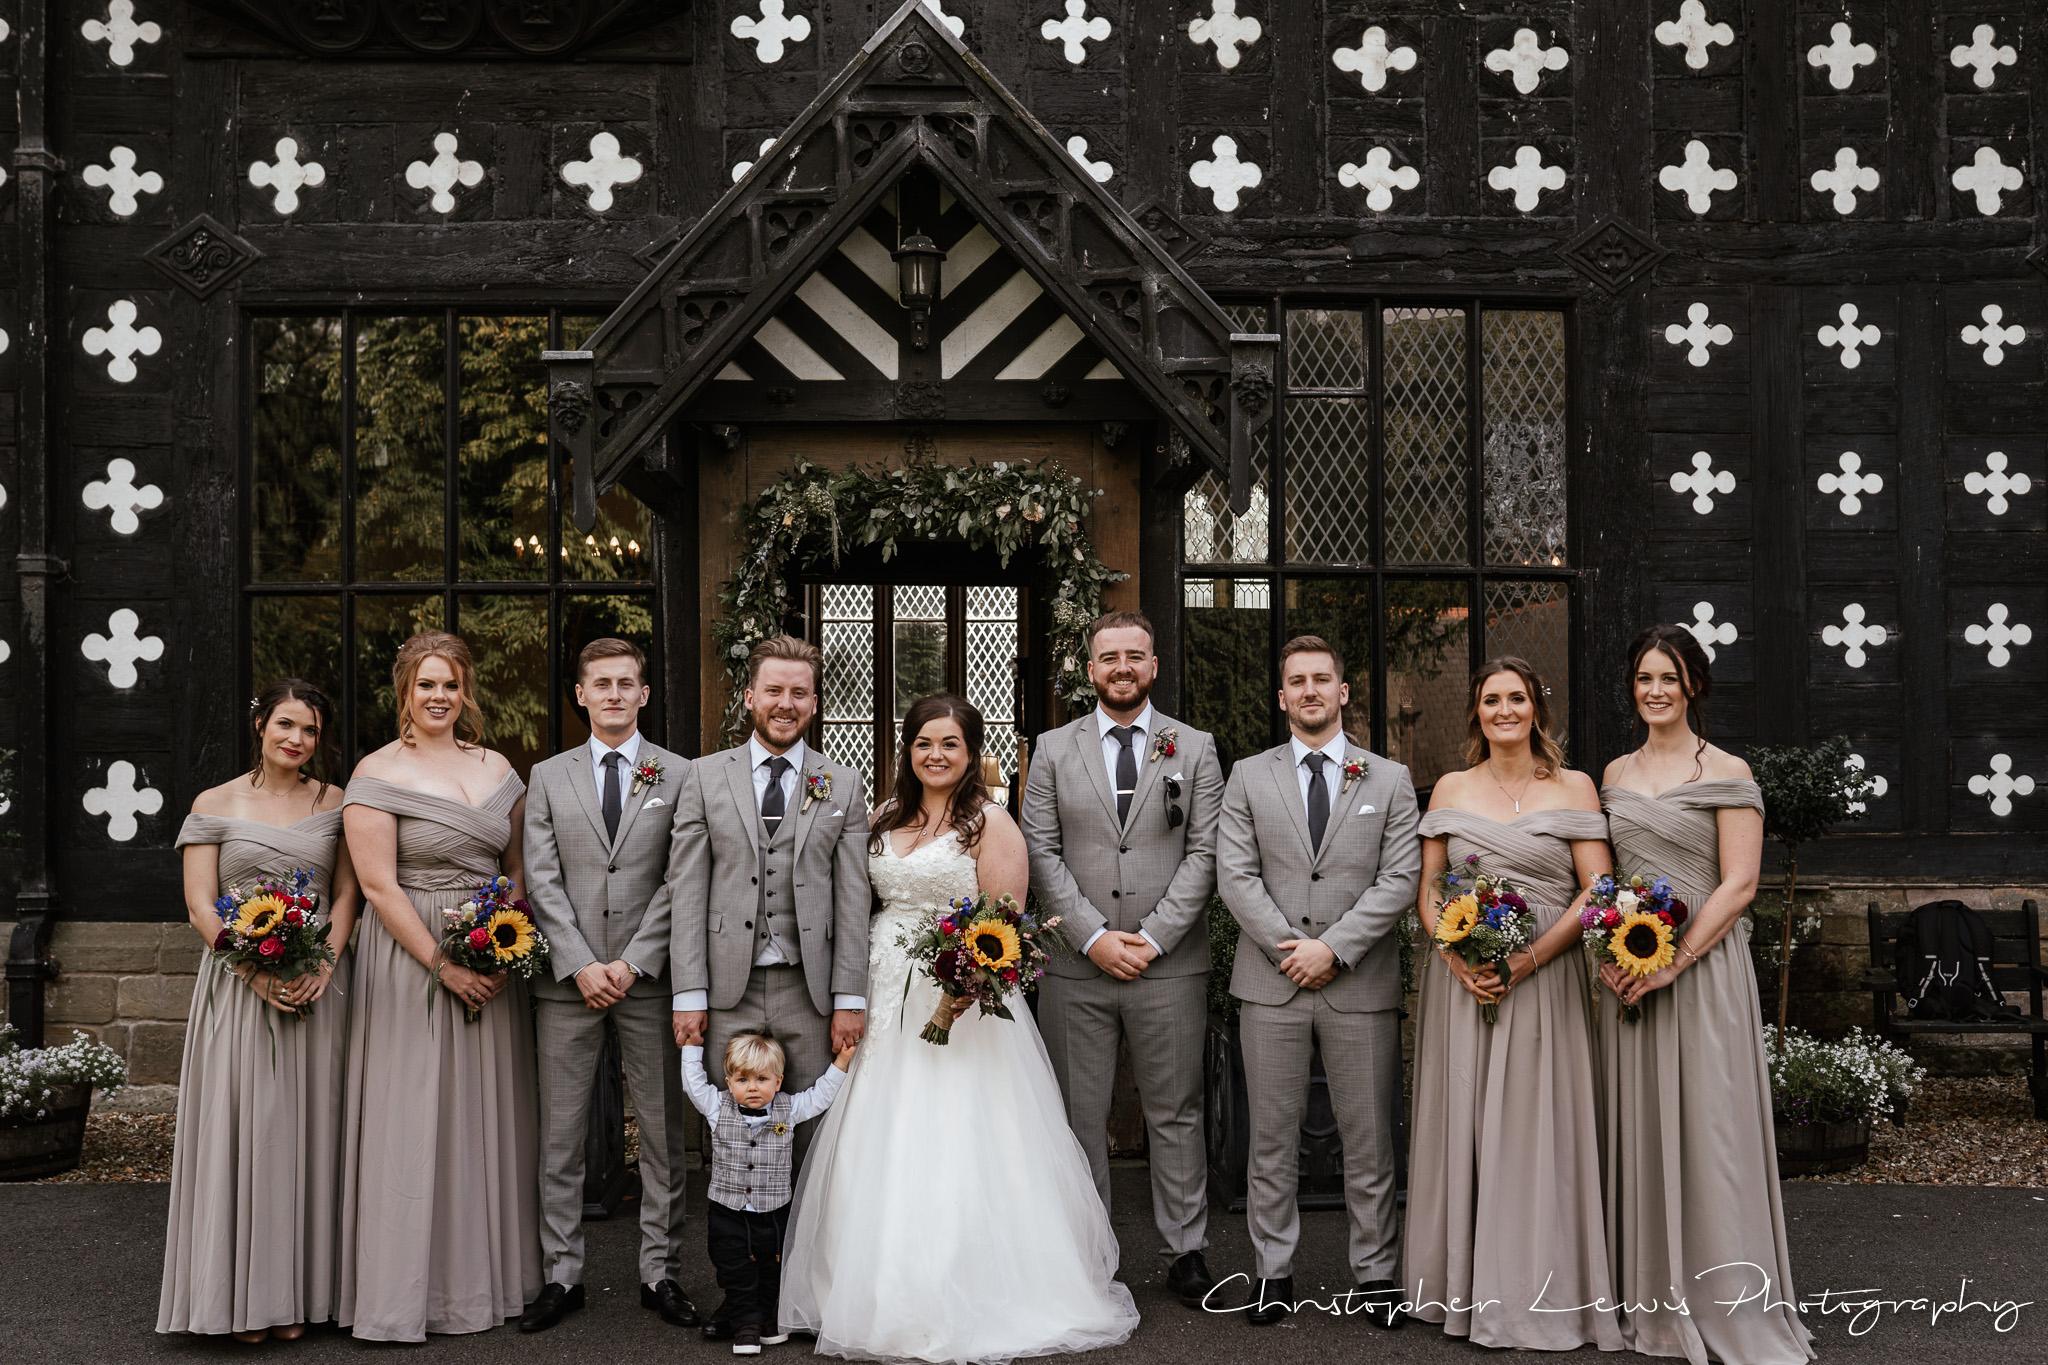 Samlesbury Hall Wedding confetti bridal party